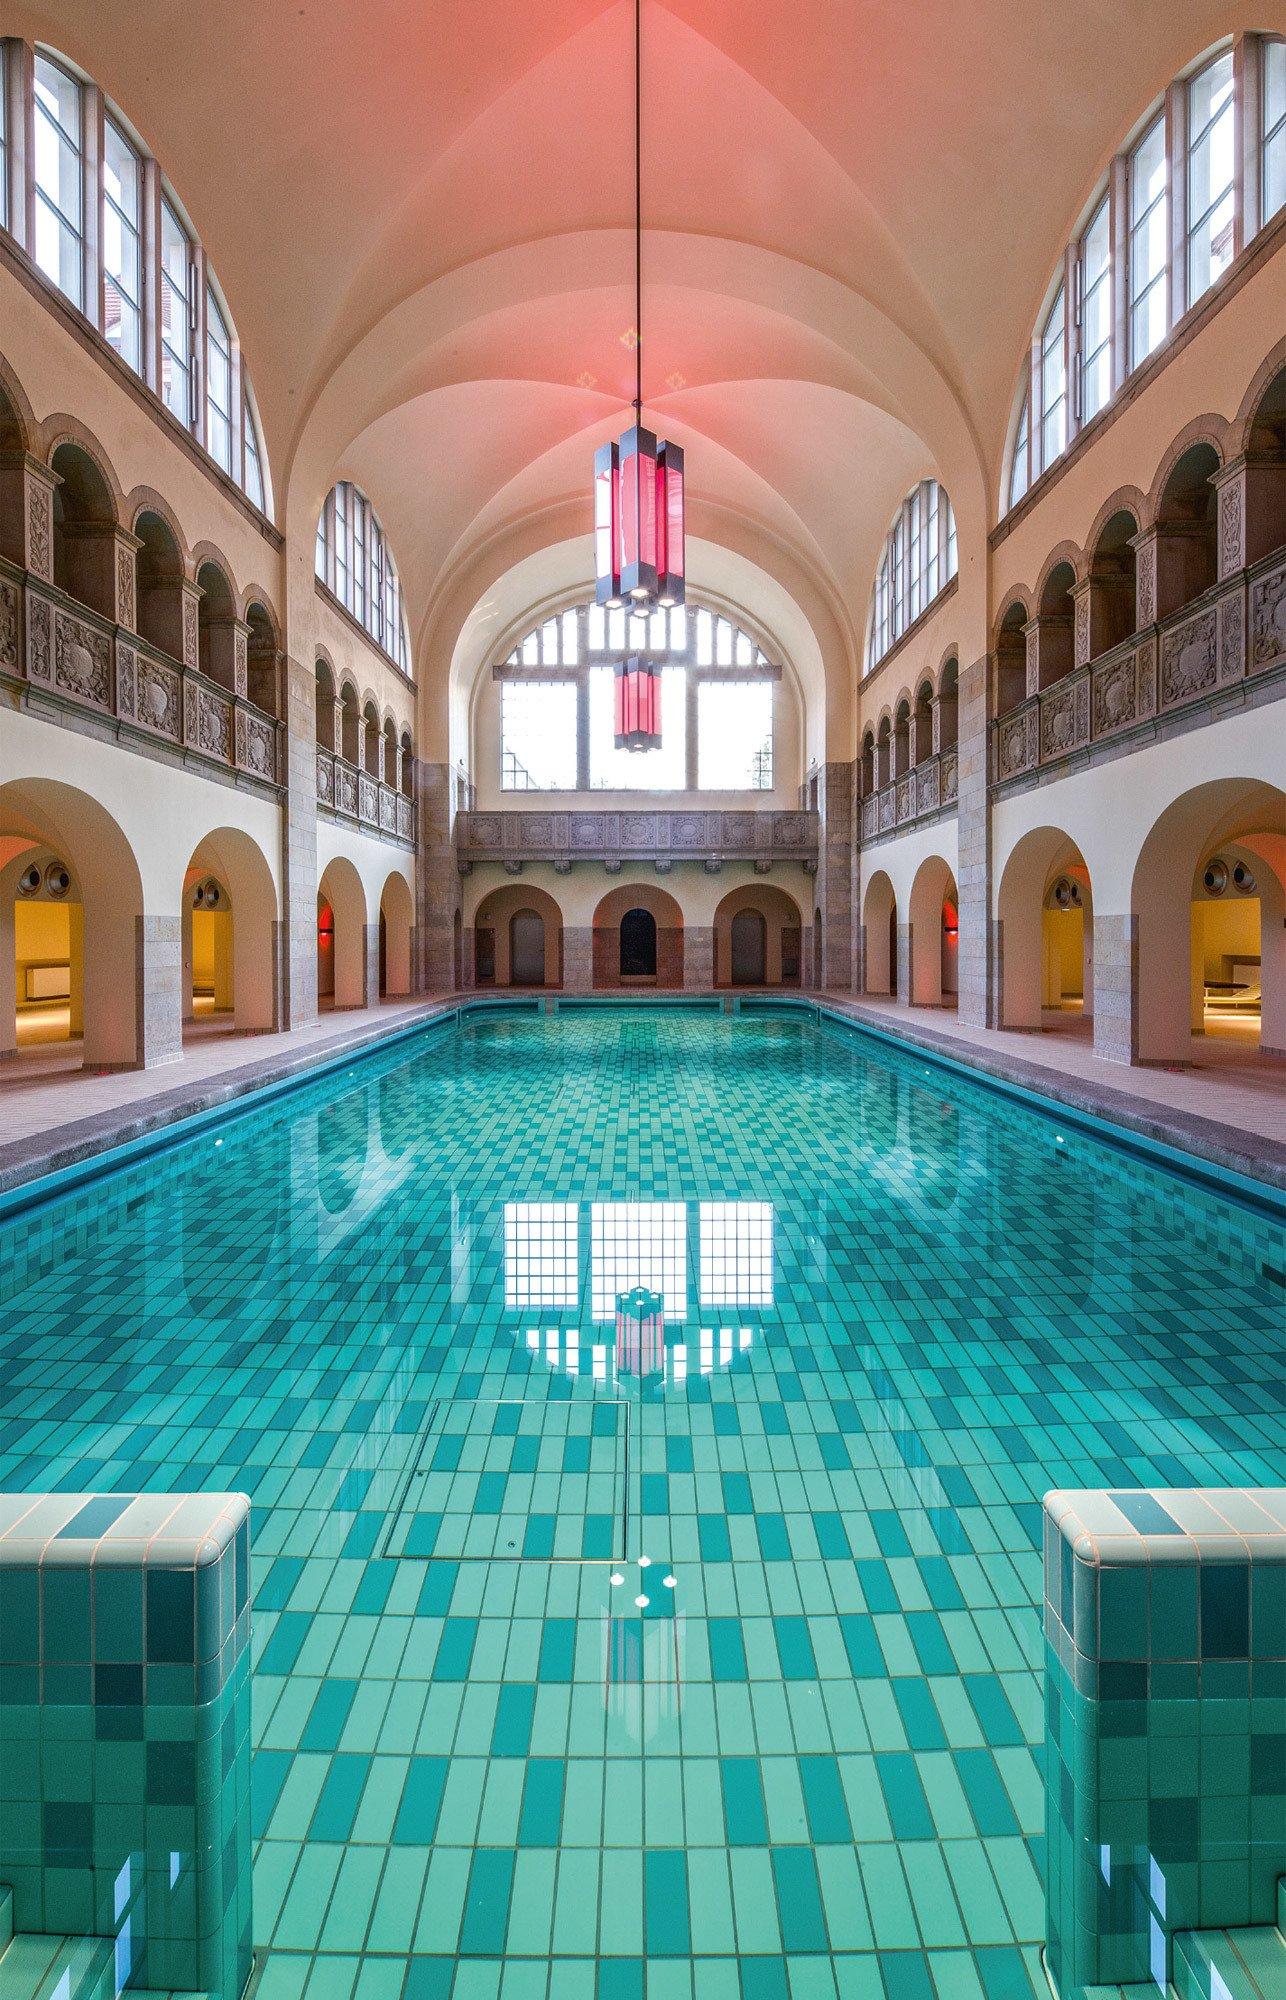 Ich war einmal ein Stadtbad: 1898 bis 1902 nach Plänen des Architekten Ludwig Hoffmann erbaut, ist das ehemalige Volksbad in der Oderberger Straße nun der private Pool eines Boutiquehotels. Foto/ Copyright: Bruckmann